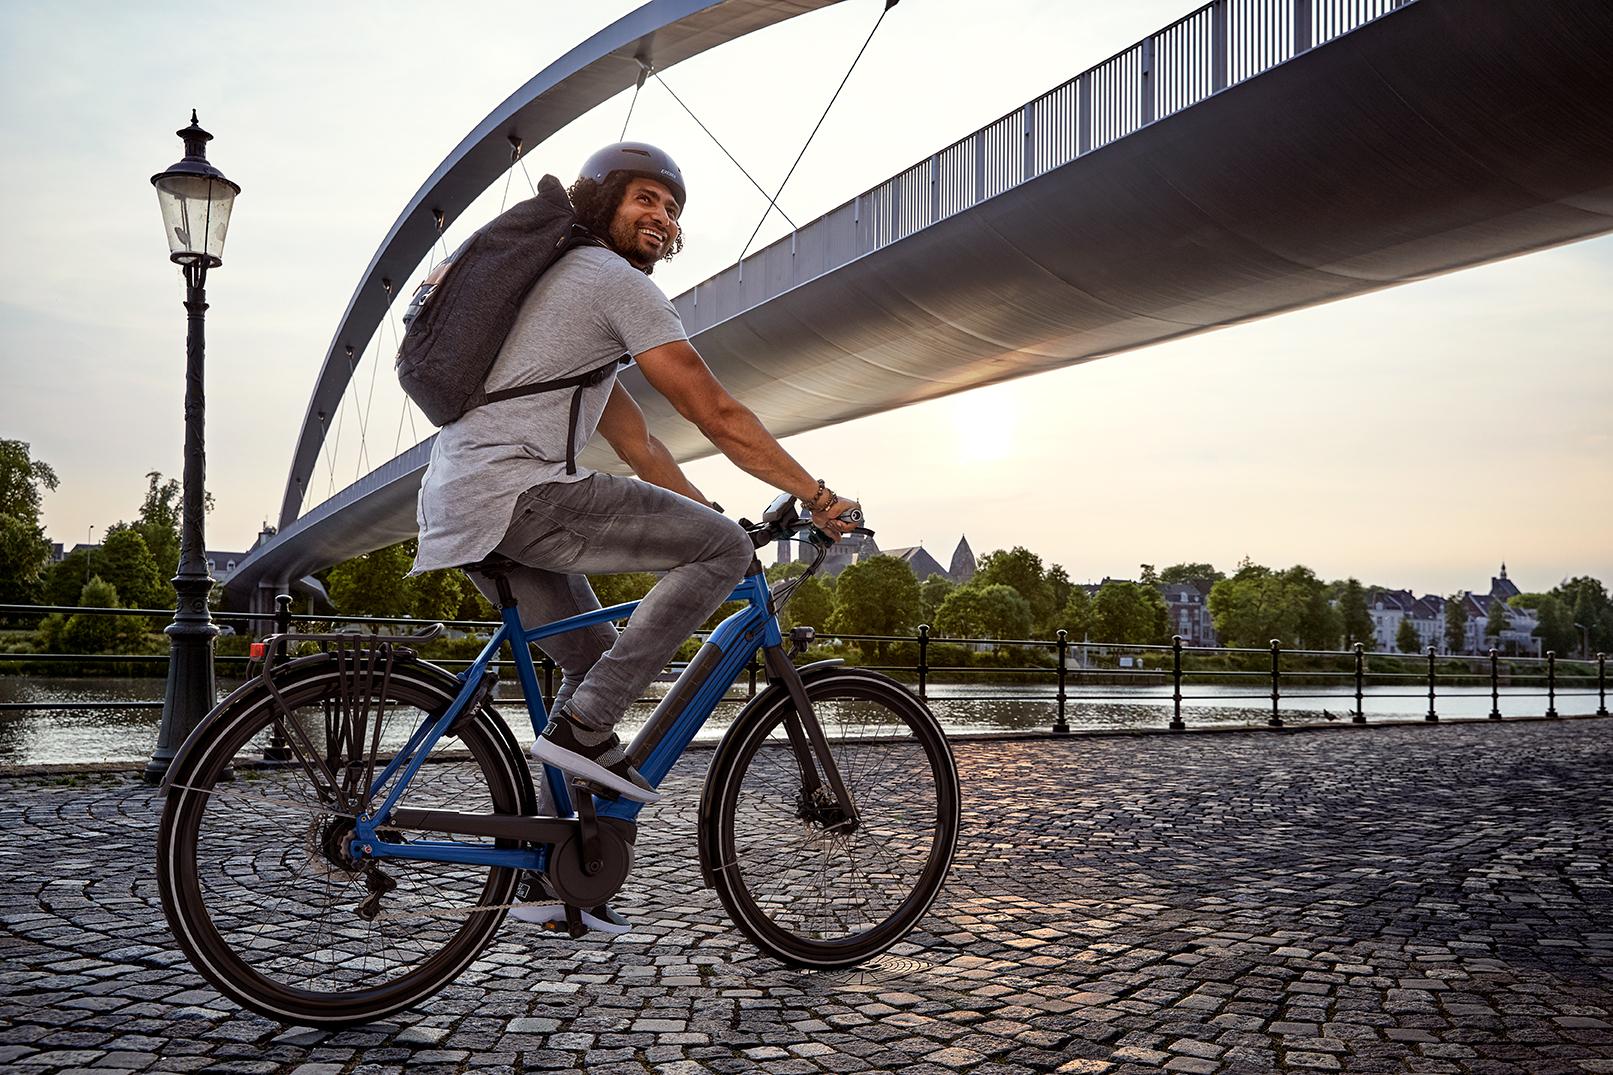 Batteriet afgør i høj grad, hvor langt du kan cykle med trædeassistance på en elcykel (cykelrækkevidde).